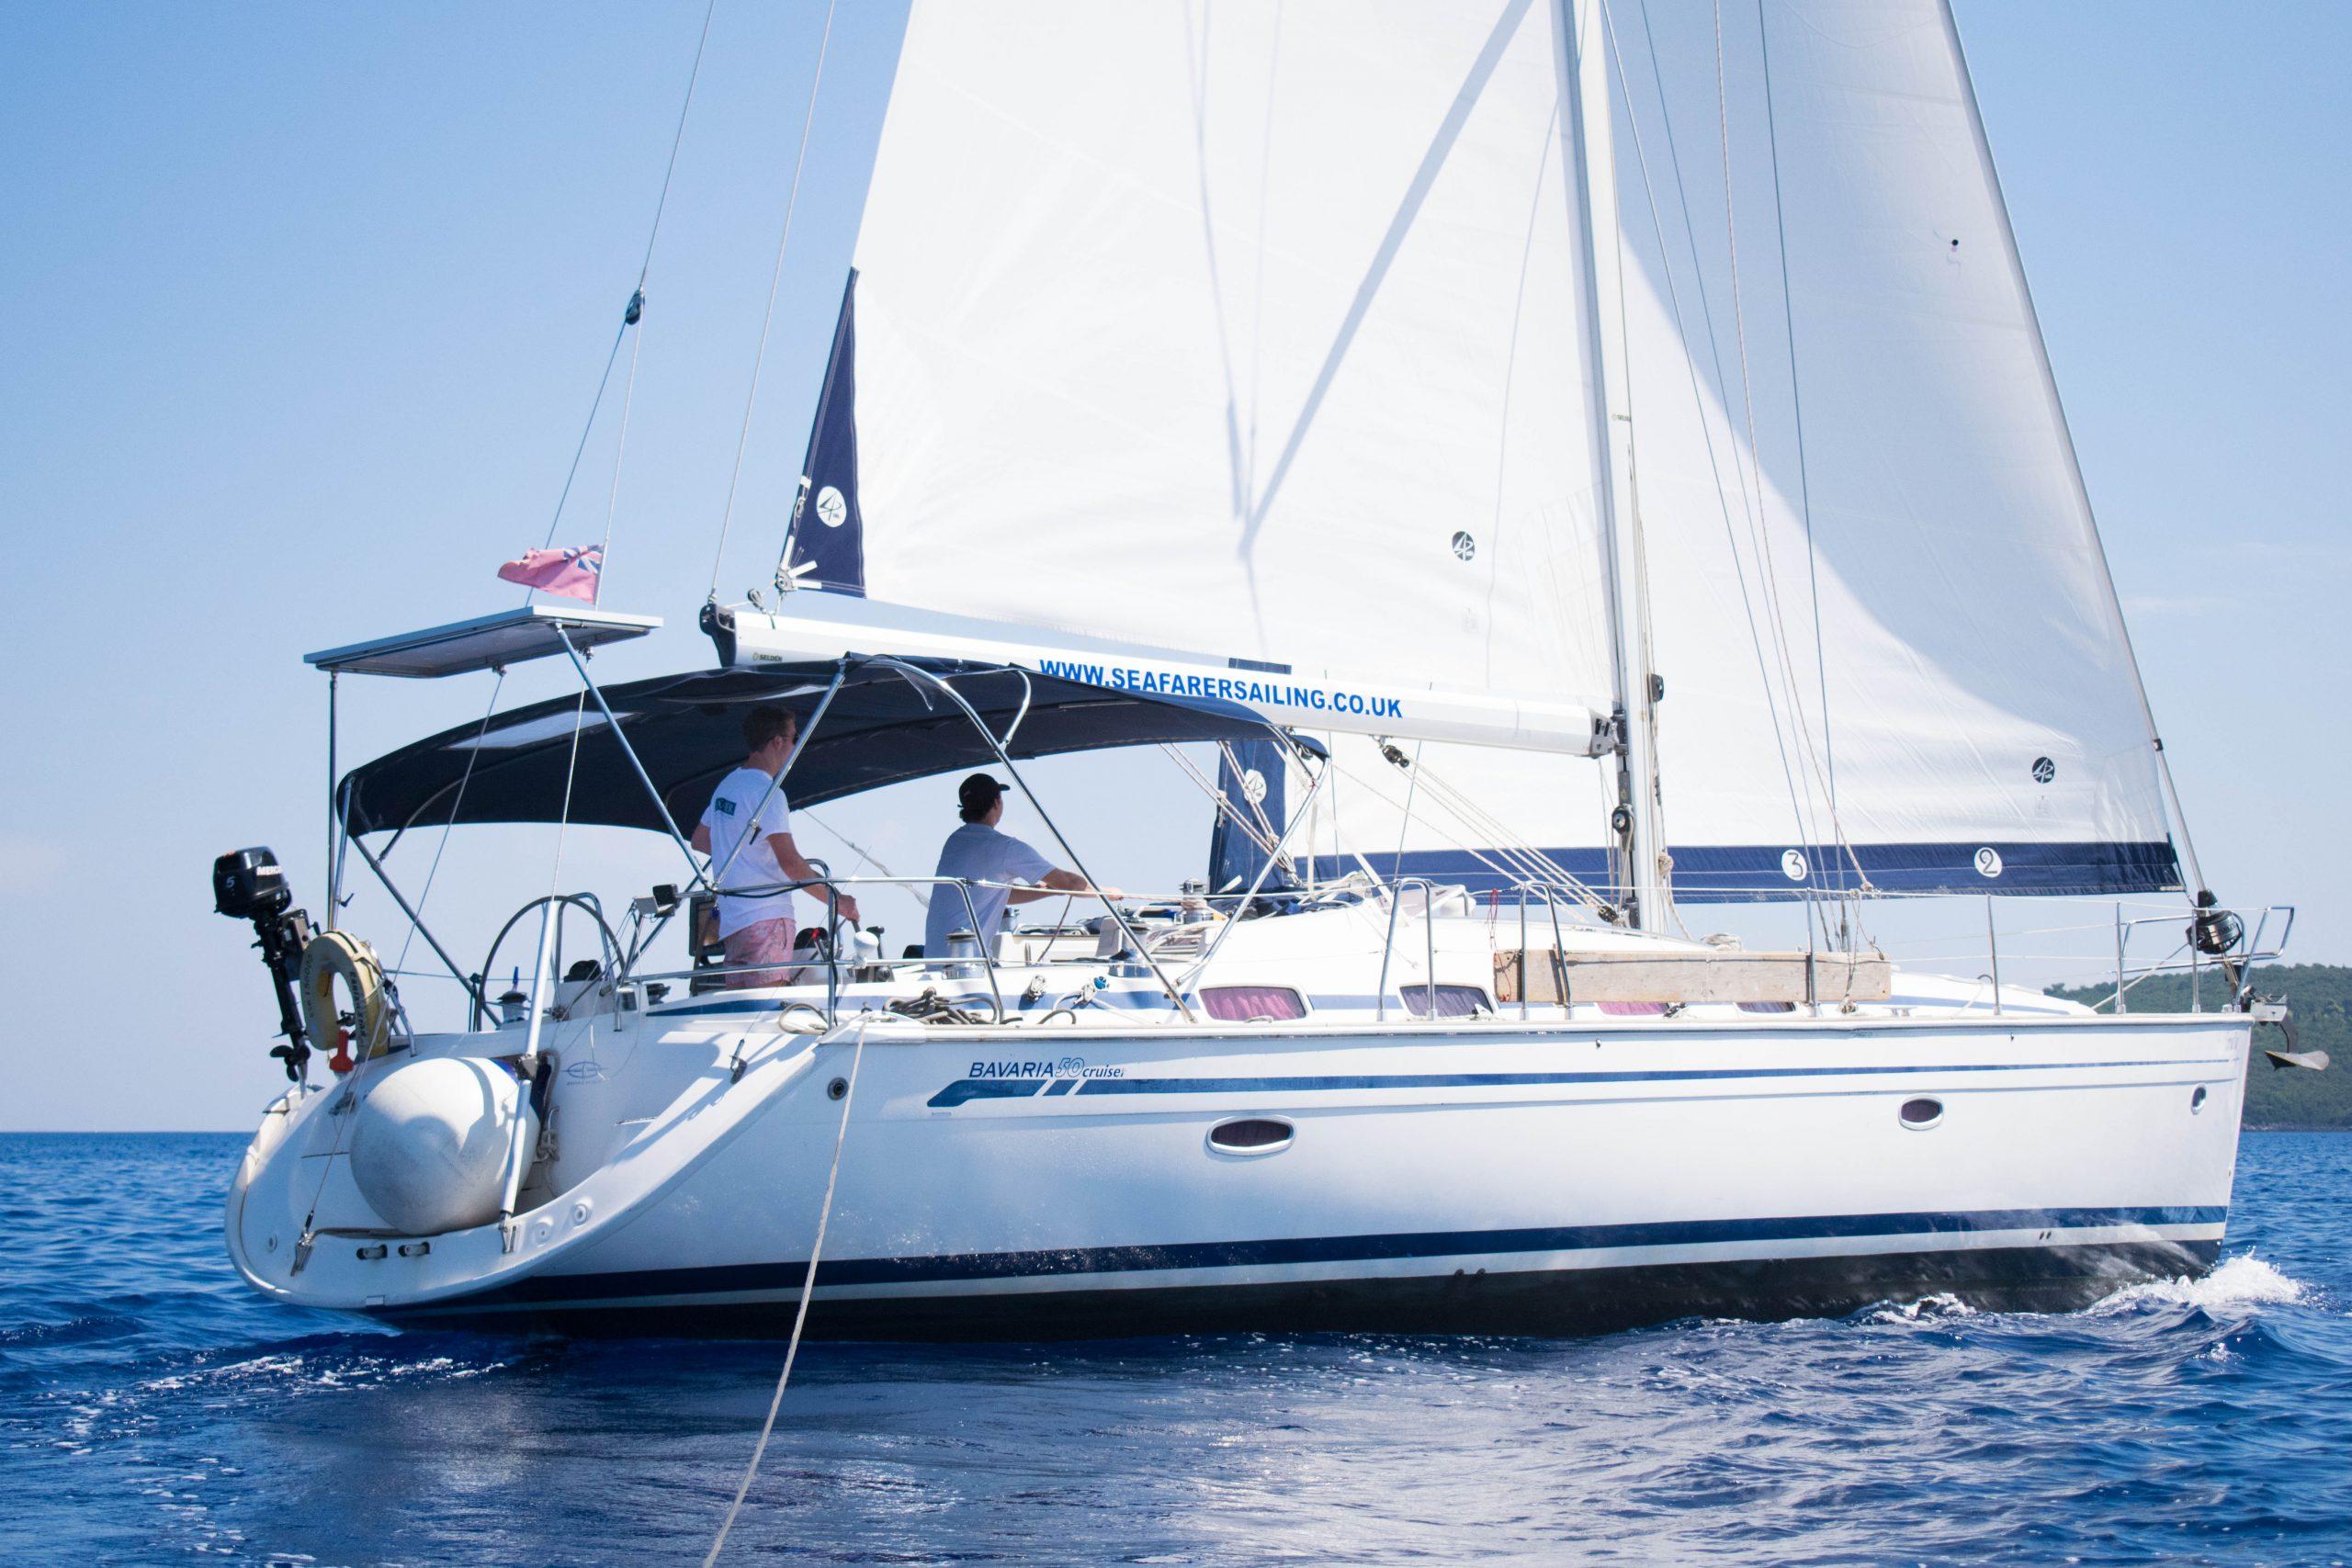 Bavaria 50 sailing